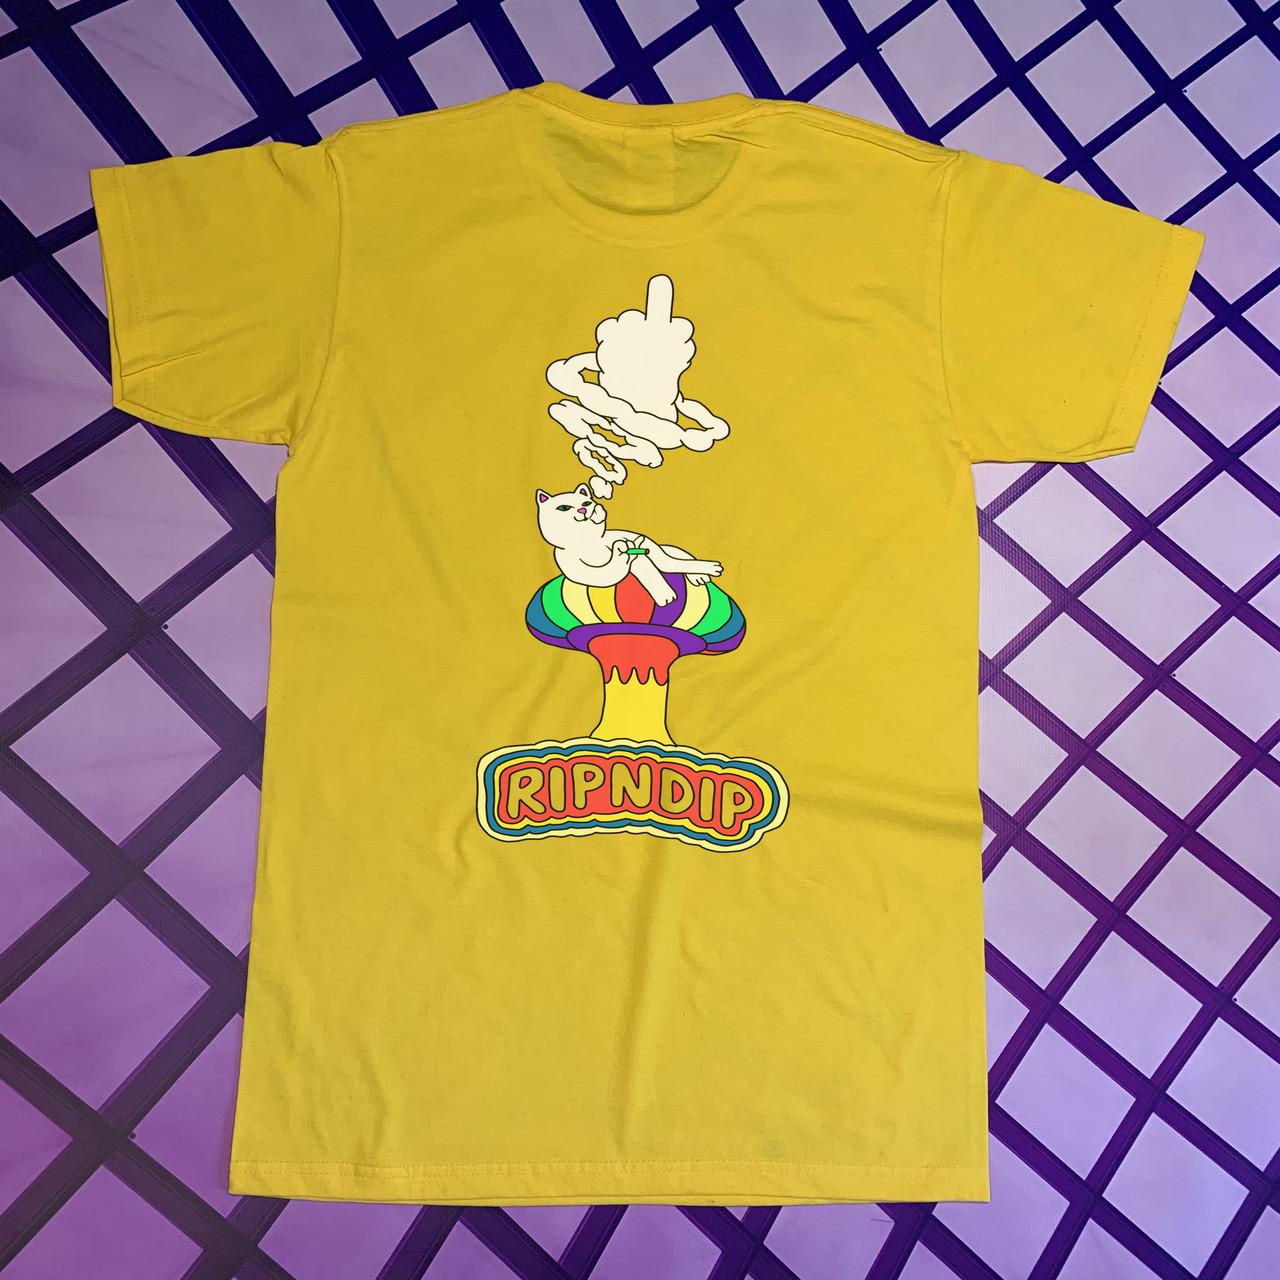 Жовта футболка RipNDip • Чоловічий та жіночий • Бірки ориг